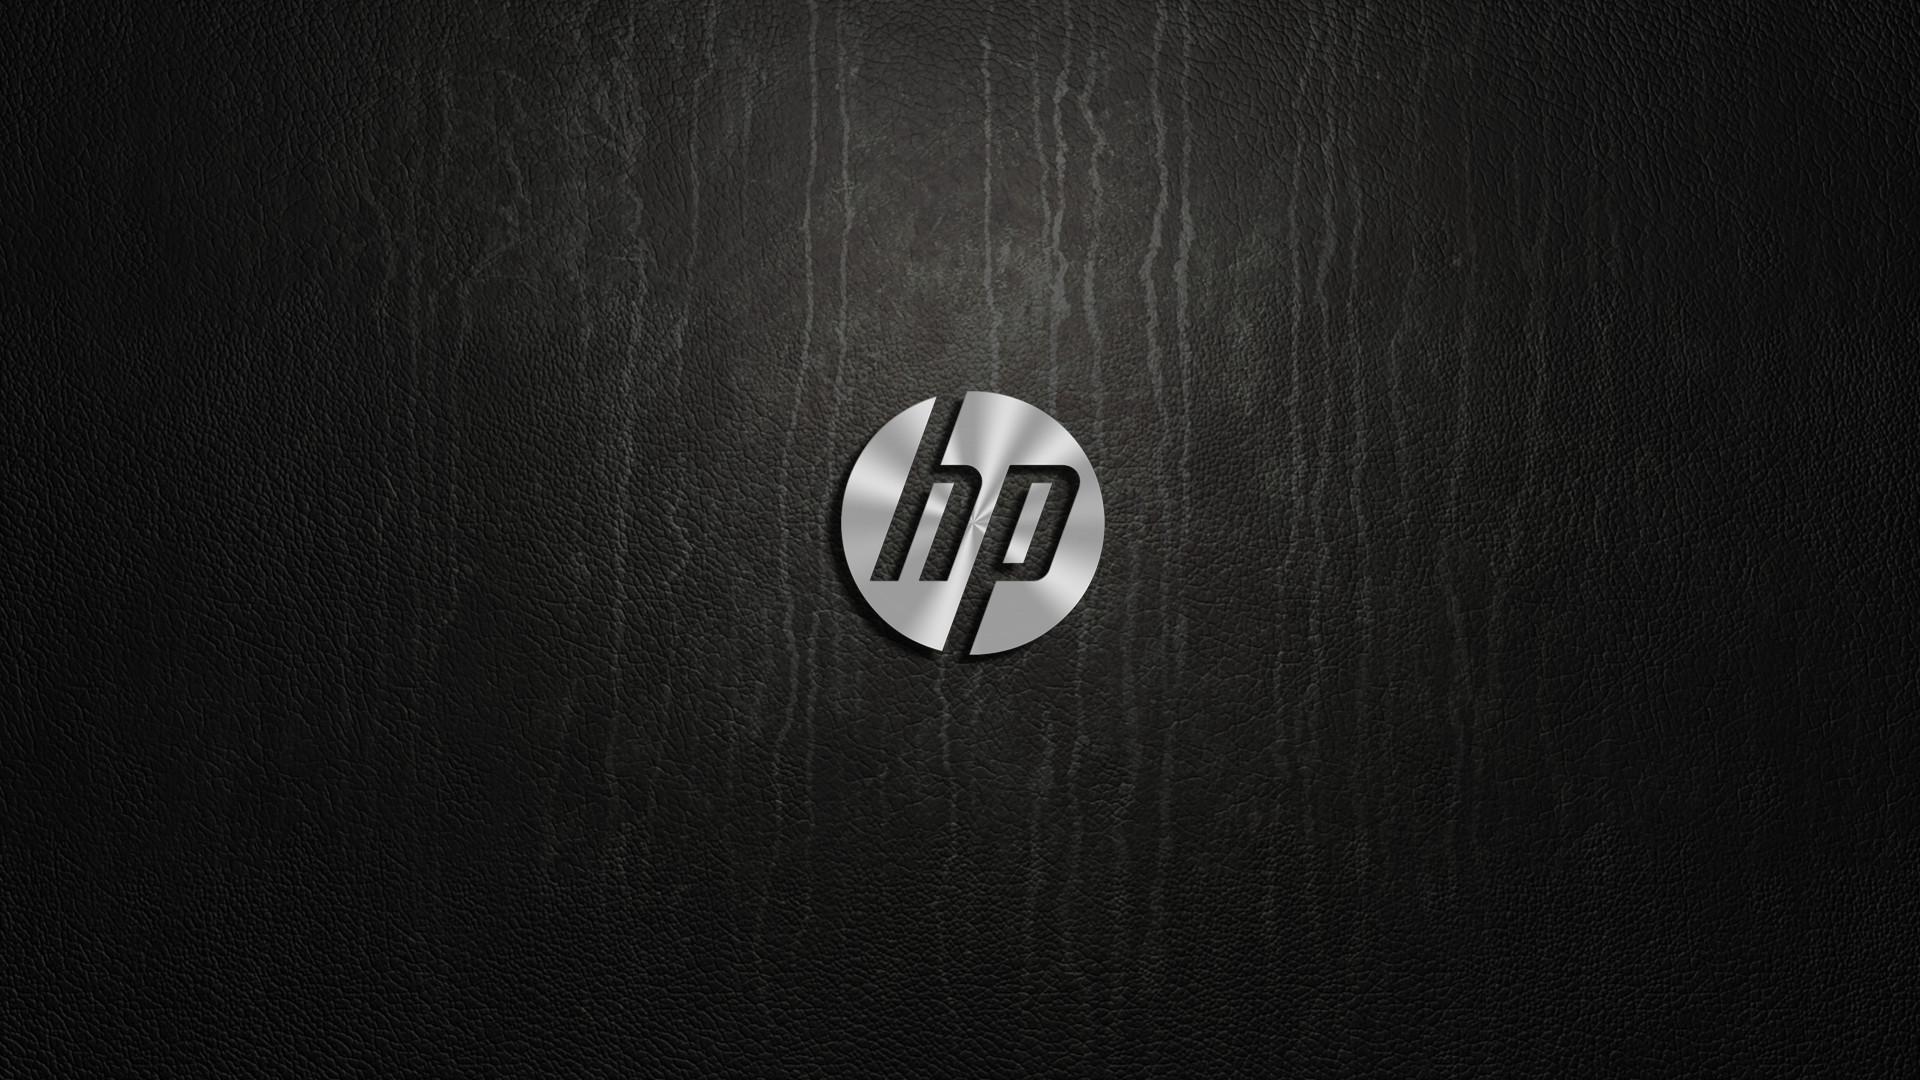 Cool Wallpapers for HP - WallpaperSafari